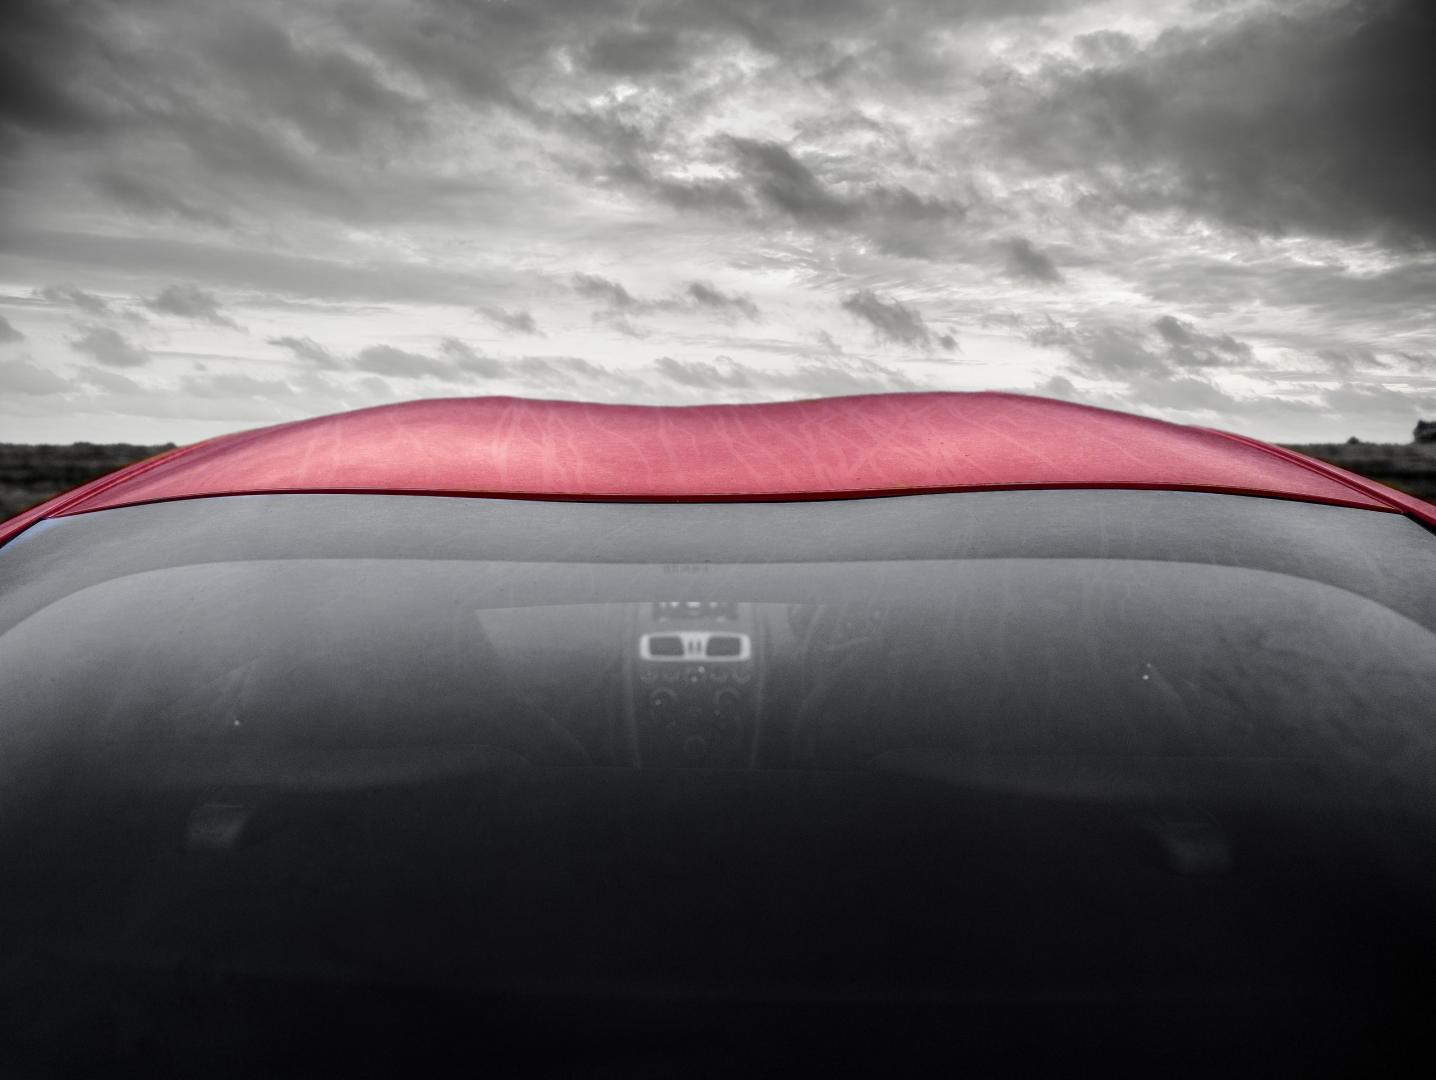 Aston Martin Vanquish Zagato Double Bubble